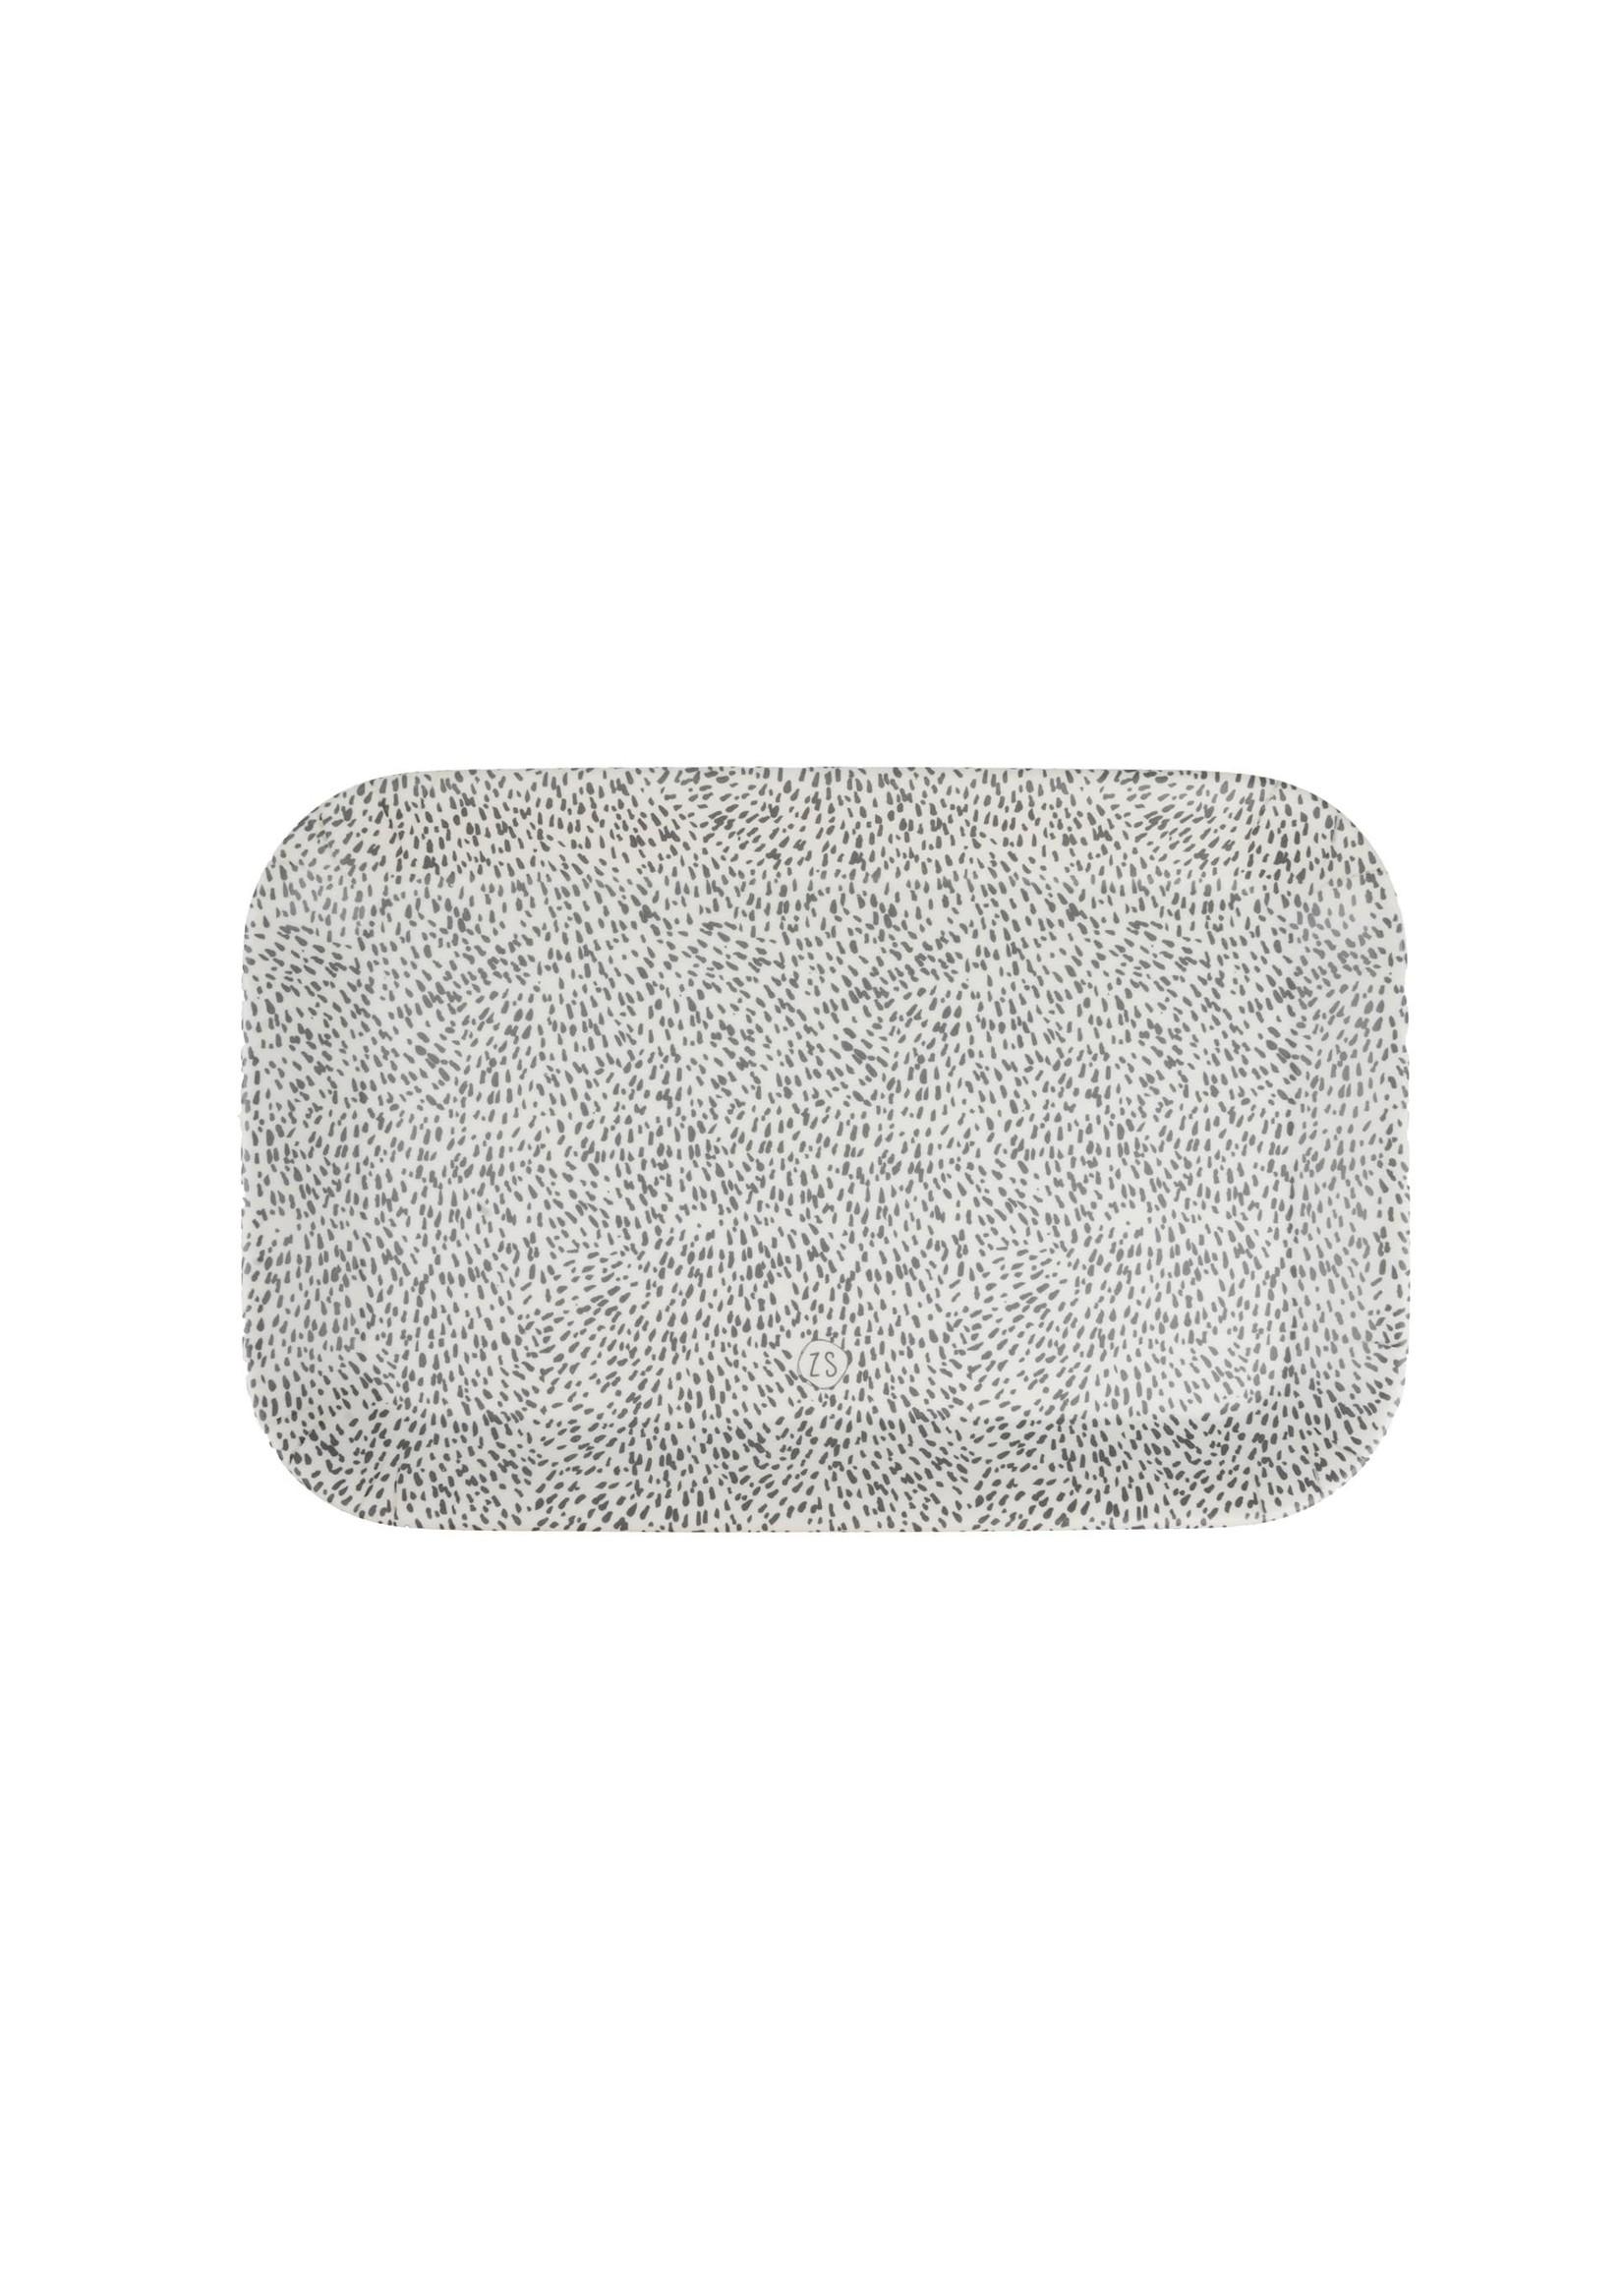 Zusss Melamine dienblad spikkels 29x19cm zand